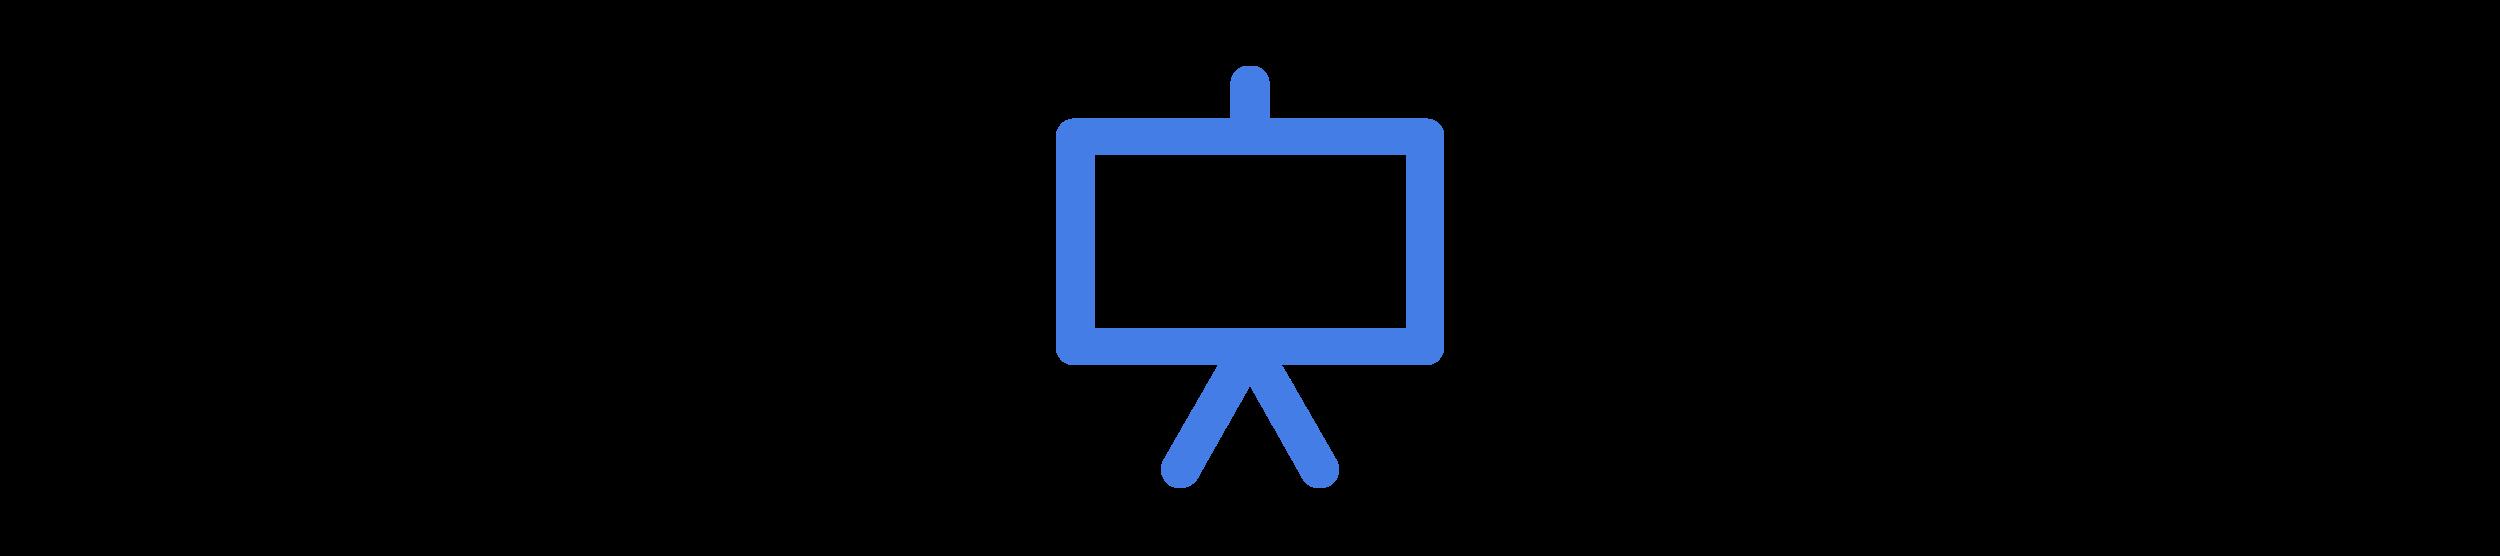 WEBSITE - WORKSHOP LOGO - BLUE 6.png